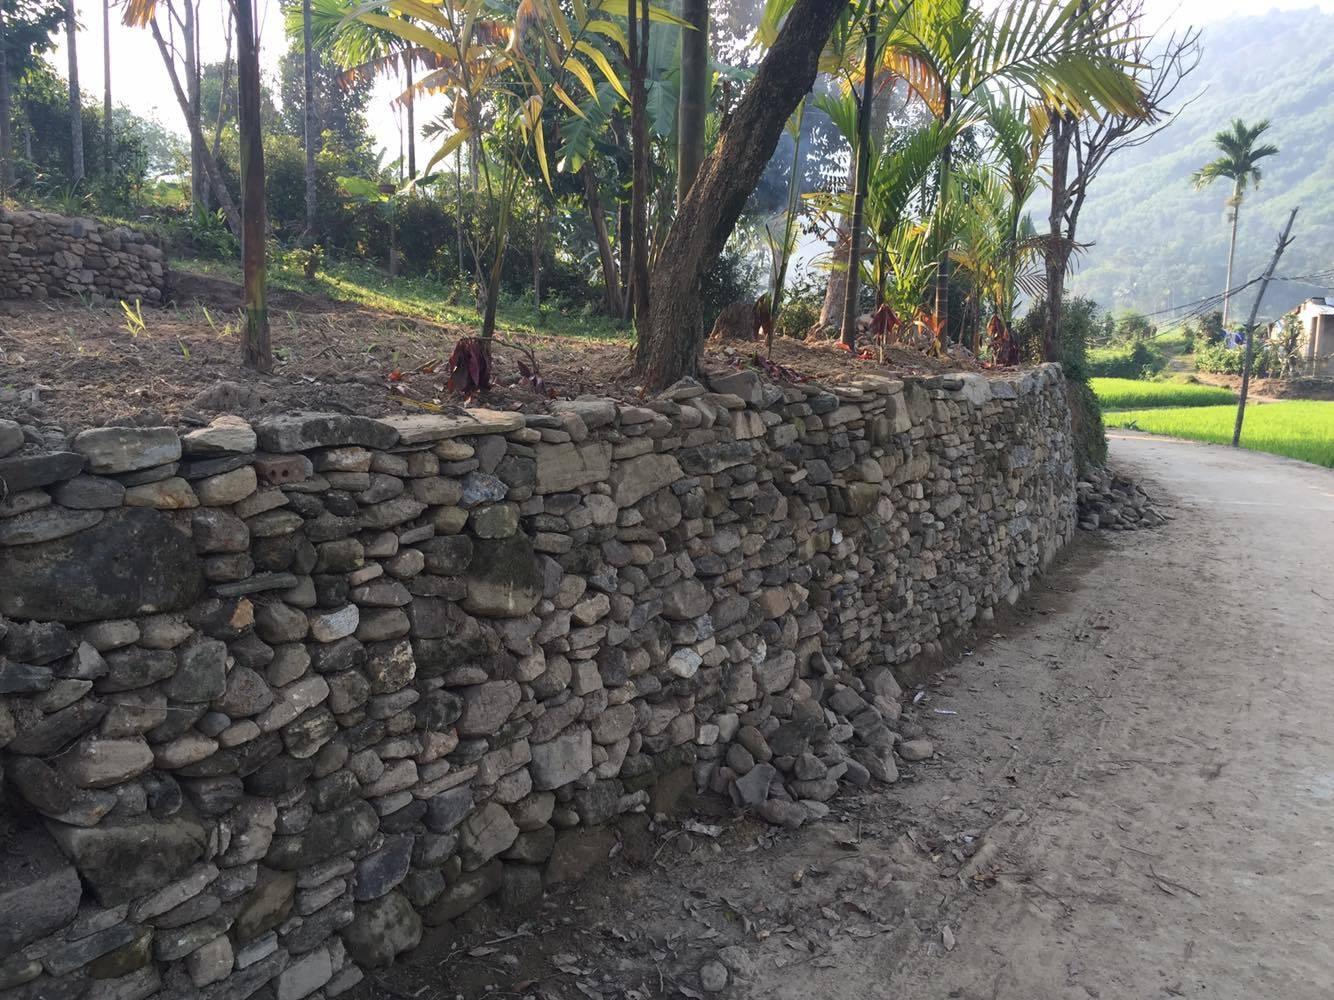 Hàng rào đá của người Tiên Phước gồm những viên đá to nhỏ, xù xì với nhiều góc cạnh, hình thù khác nhau.